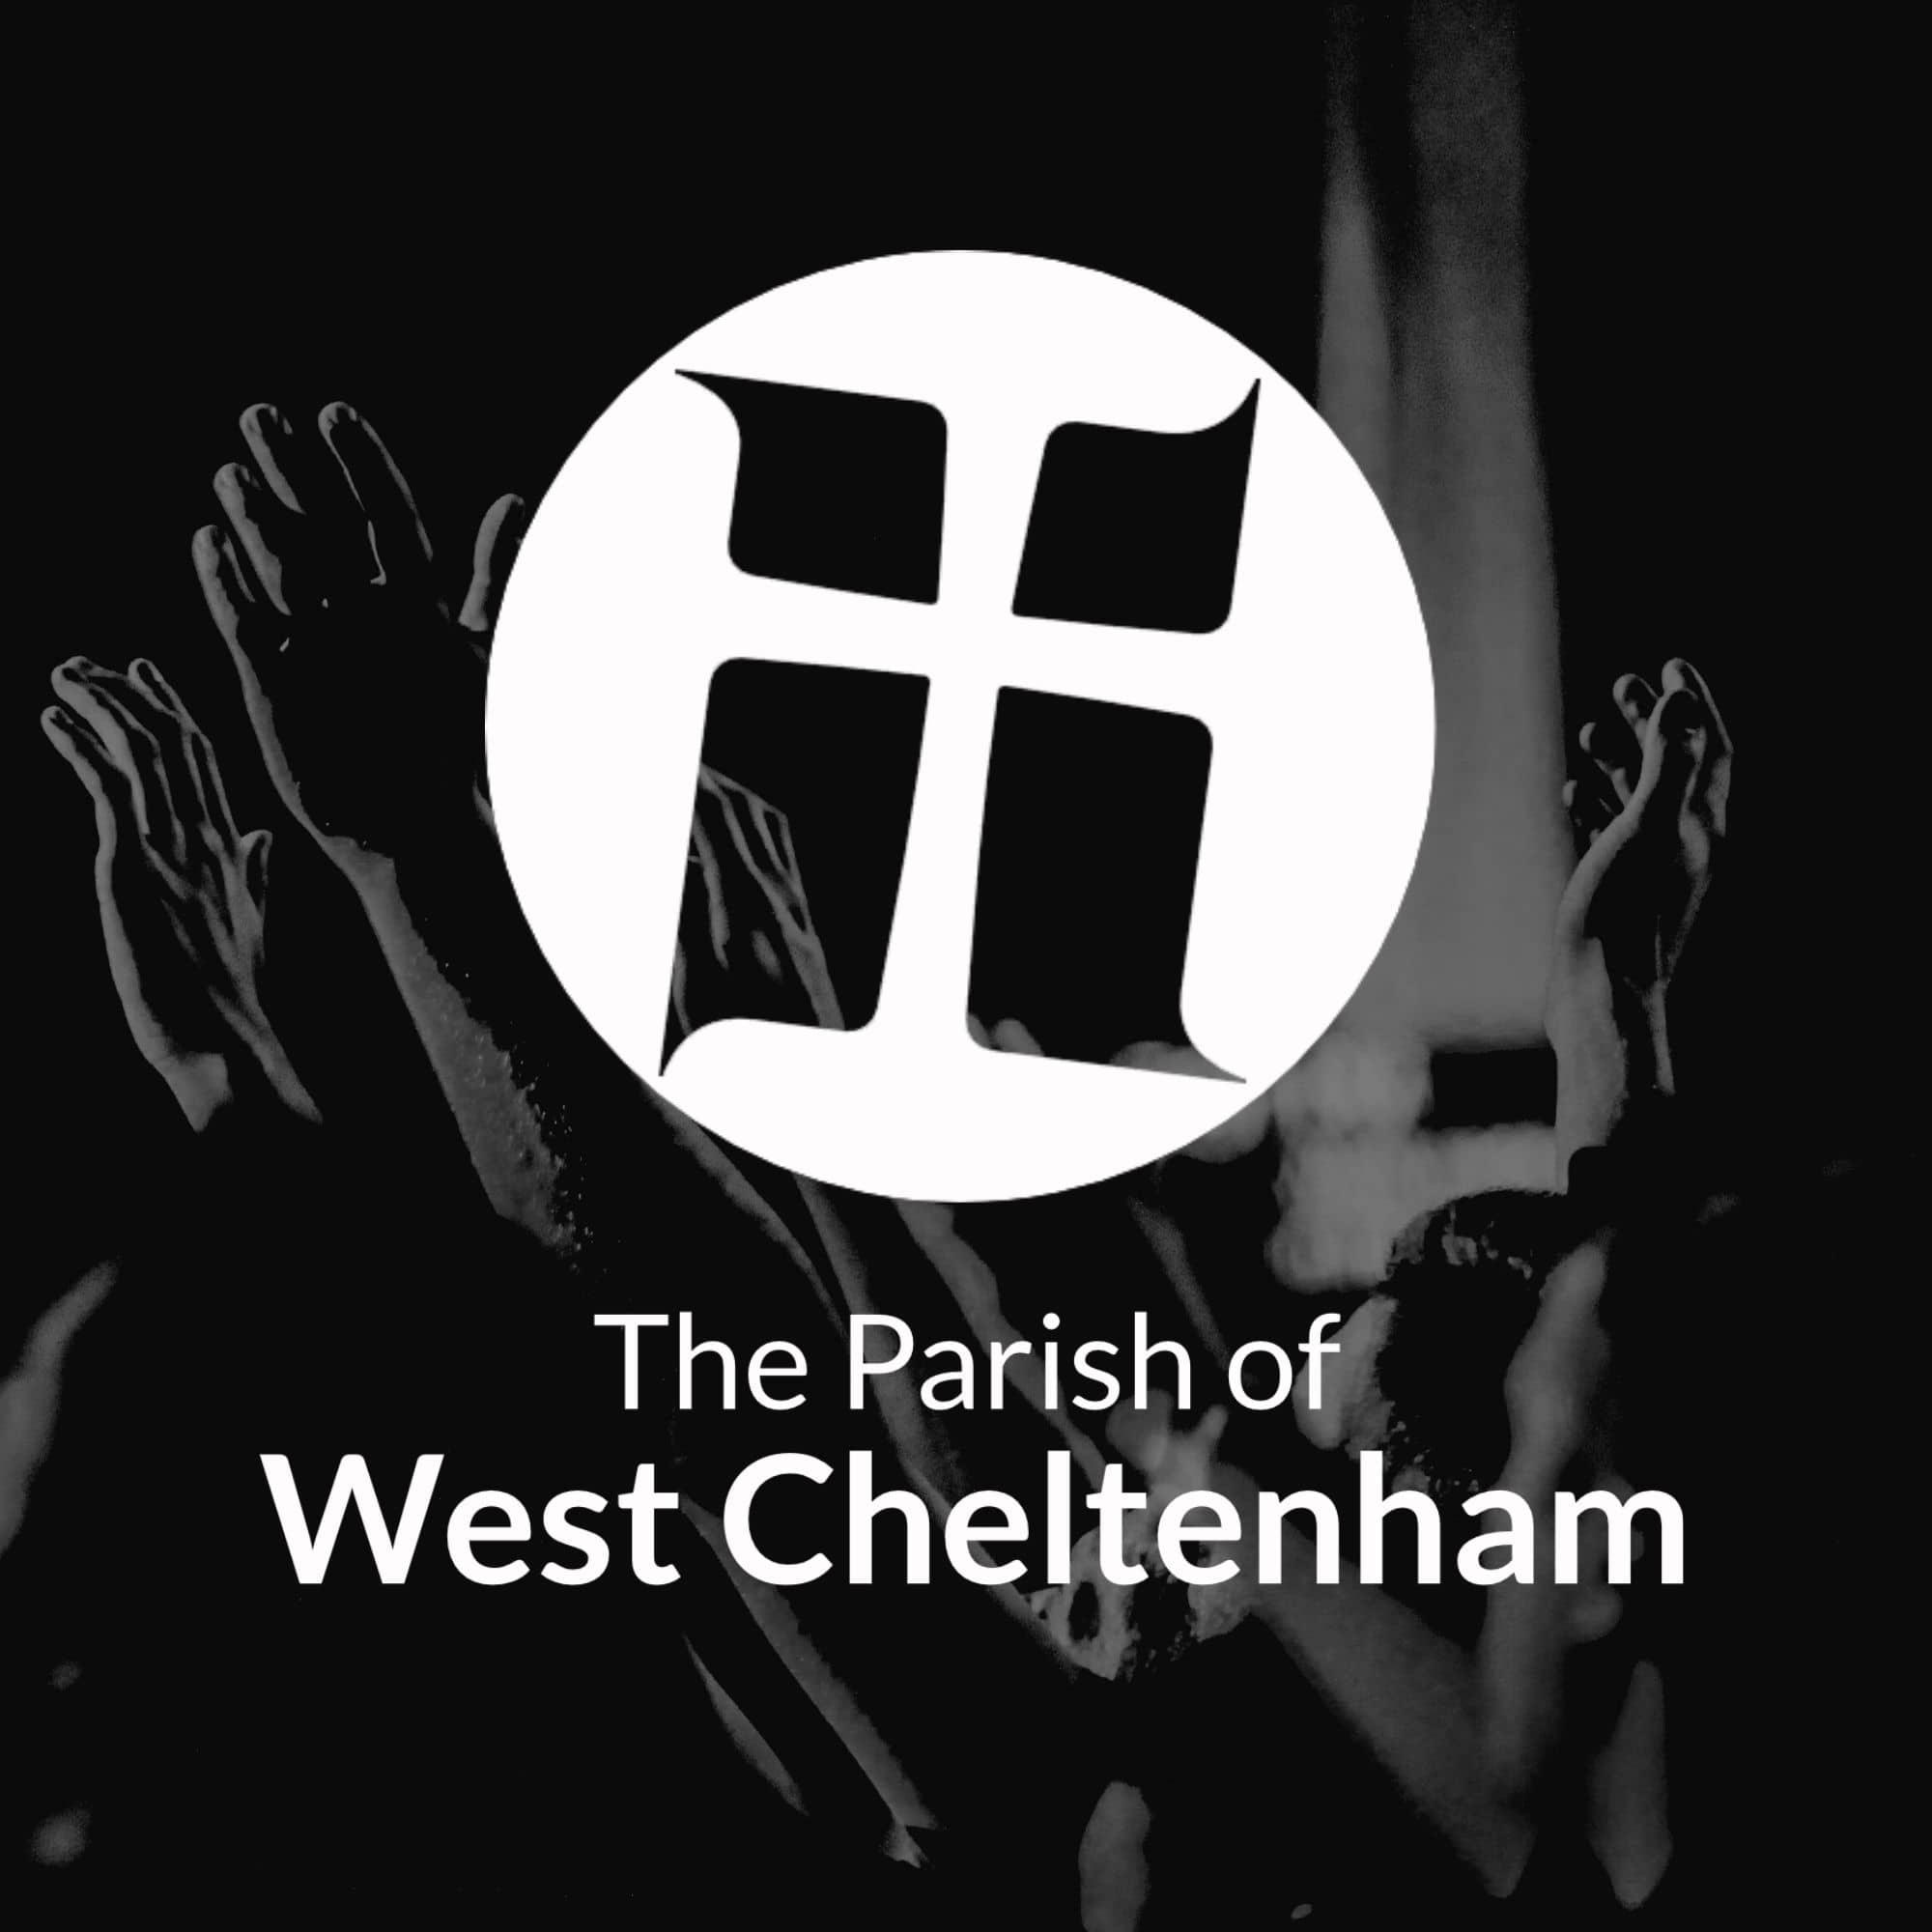 The Parish of West Cheltenham